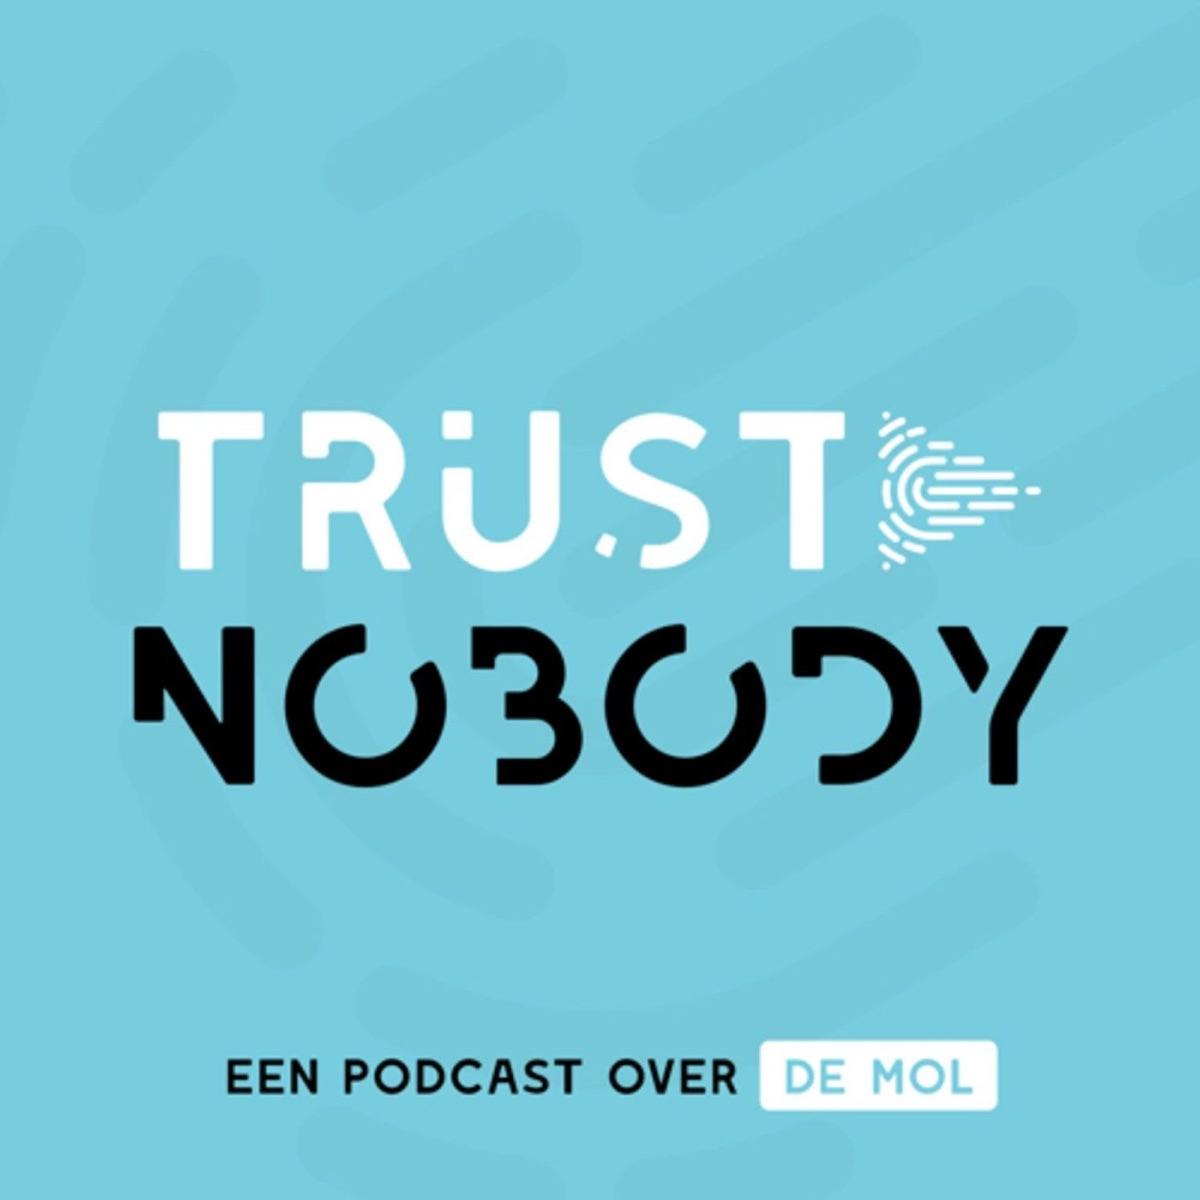 Trust Nobody België - Een podcast over De Mol